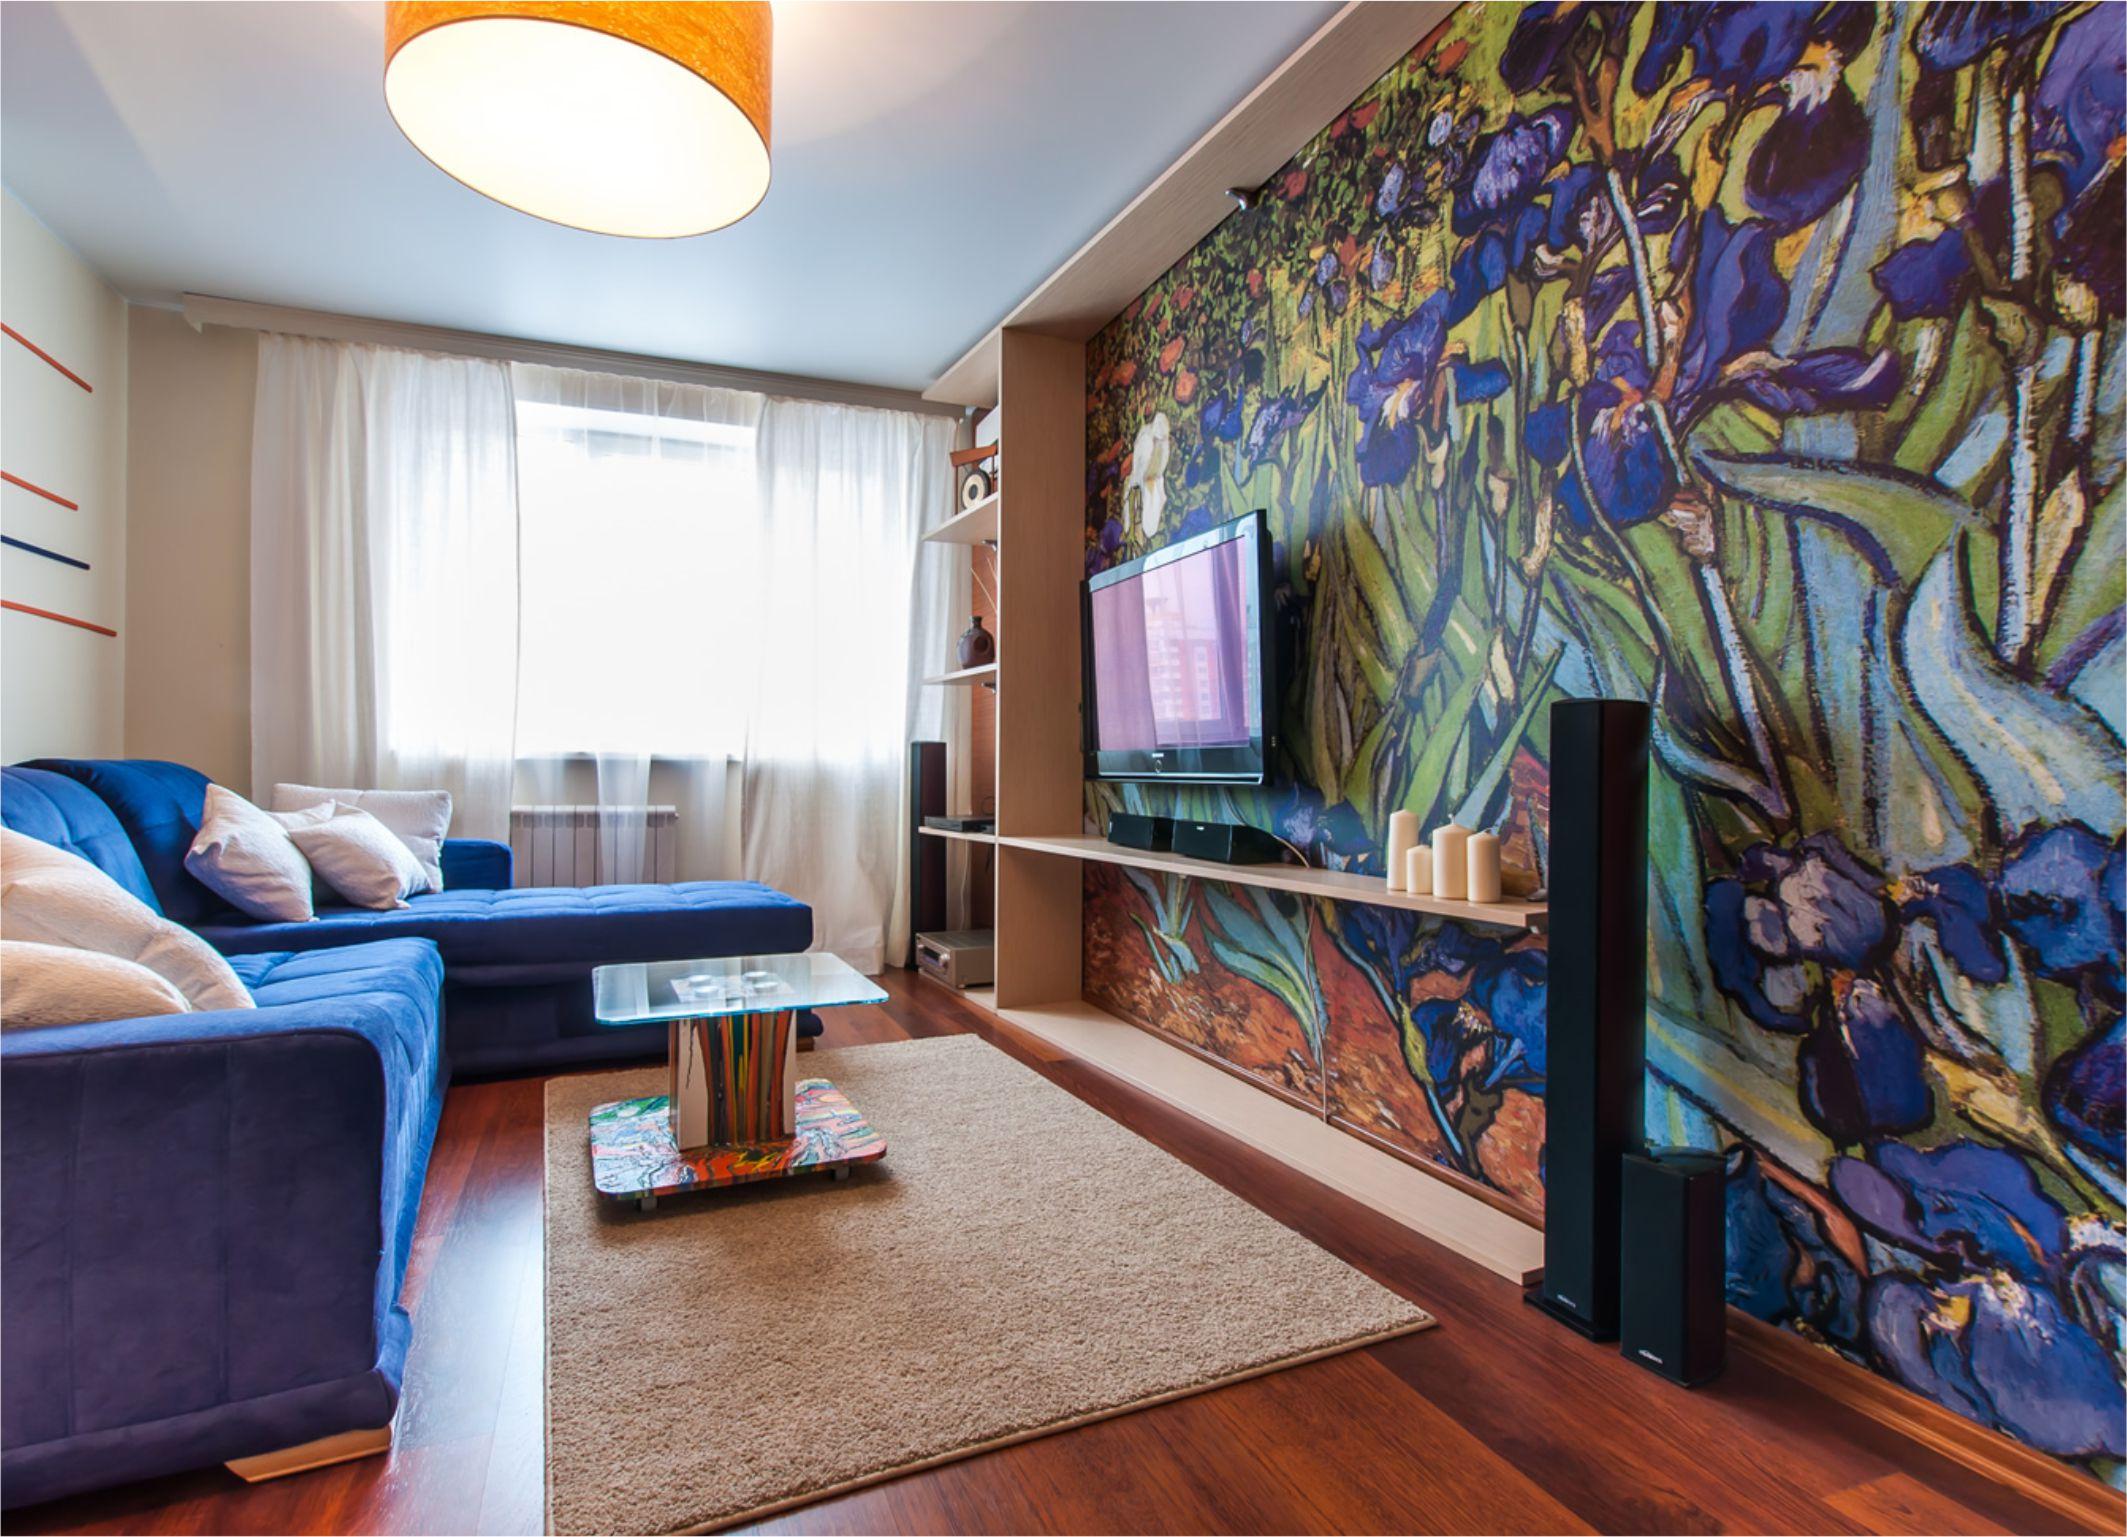 Обои с изображением ирис Ван Гога в интерьере гостиной